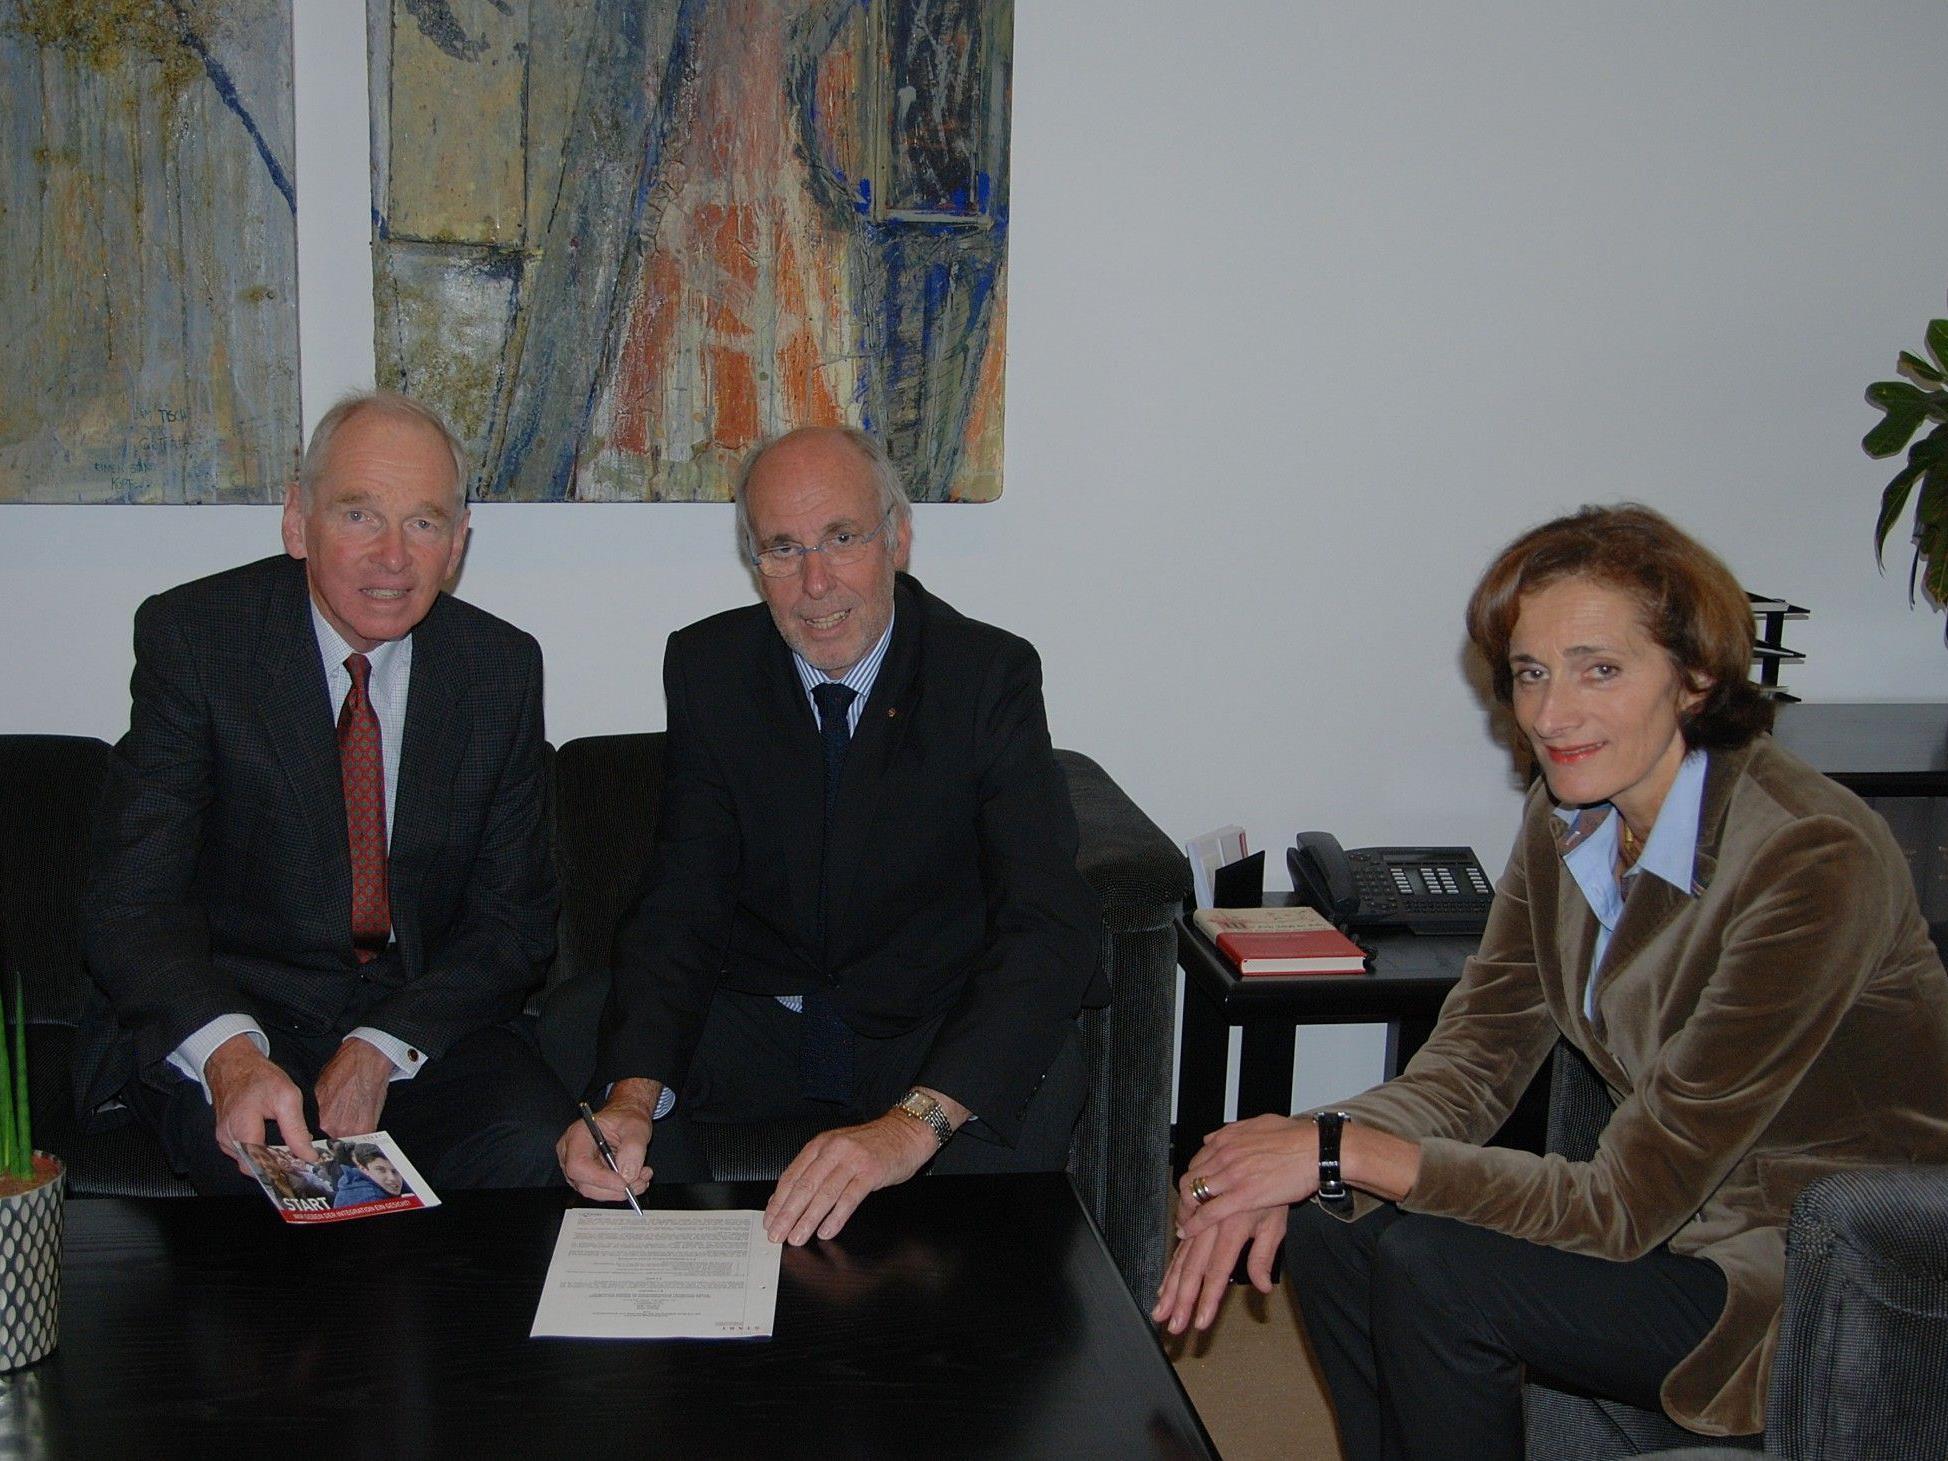 William Dearstyne, Elmar Marent und LTP Mennel bei Unterzeichnung des Patenschaftsvertrages.